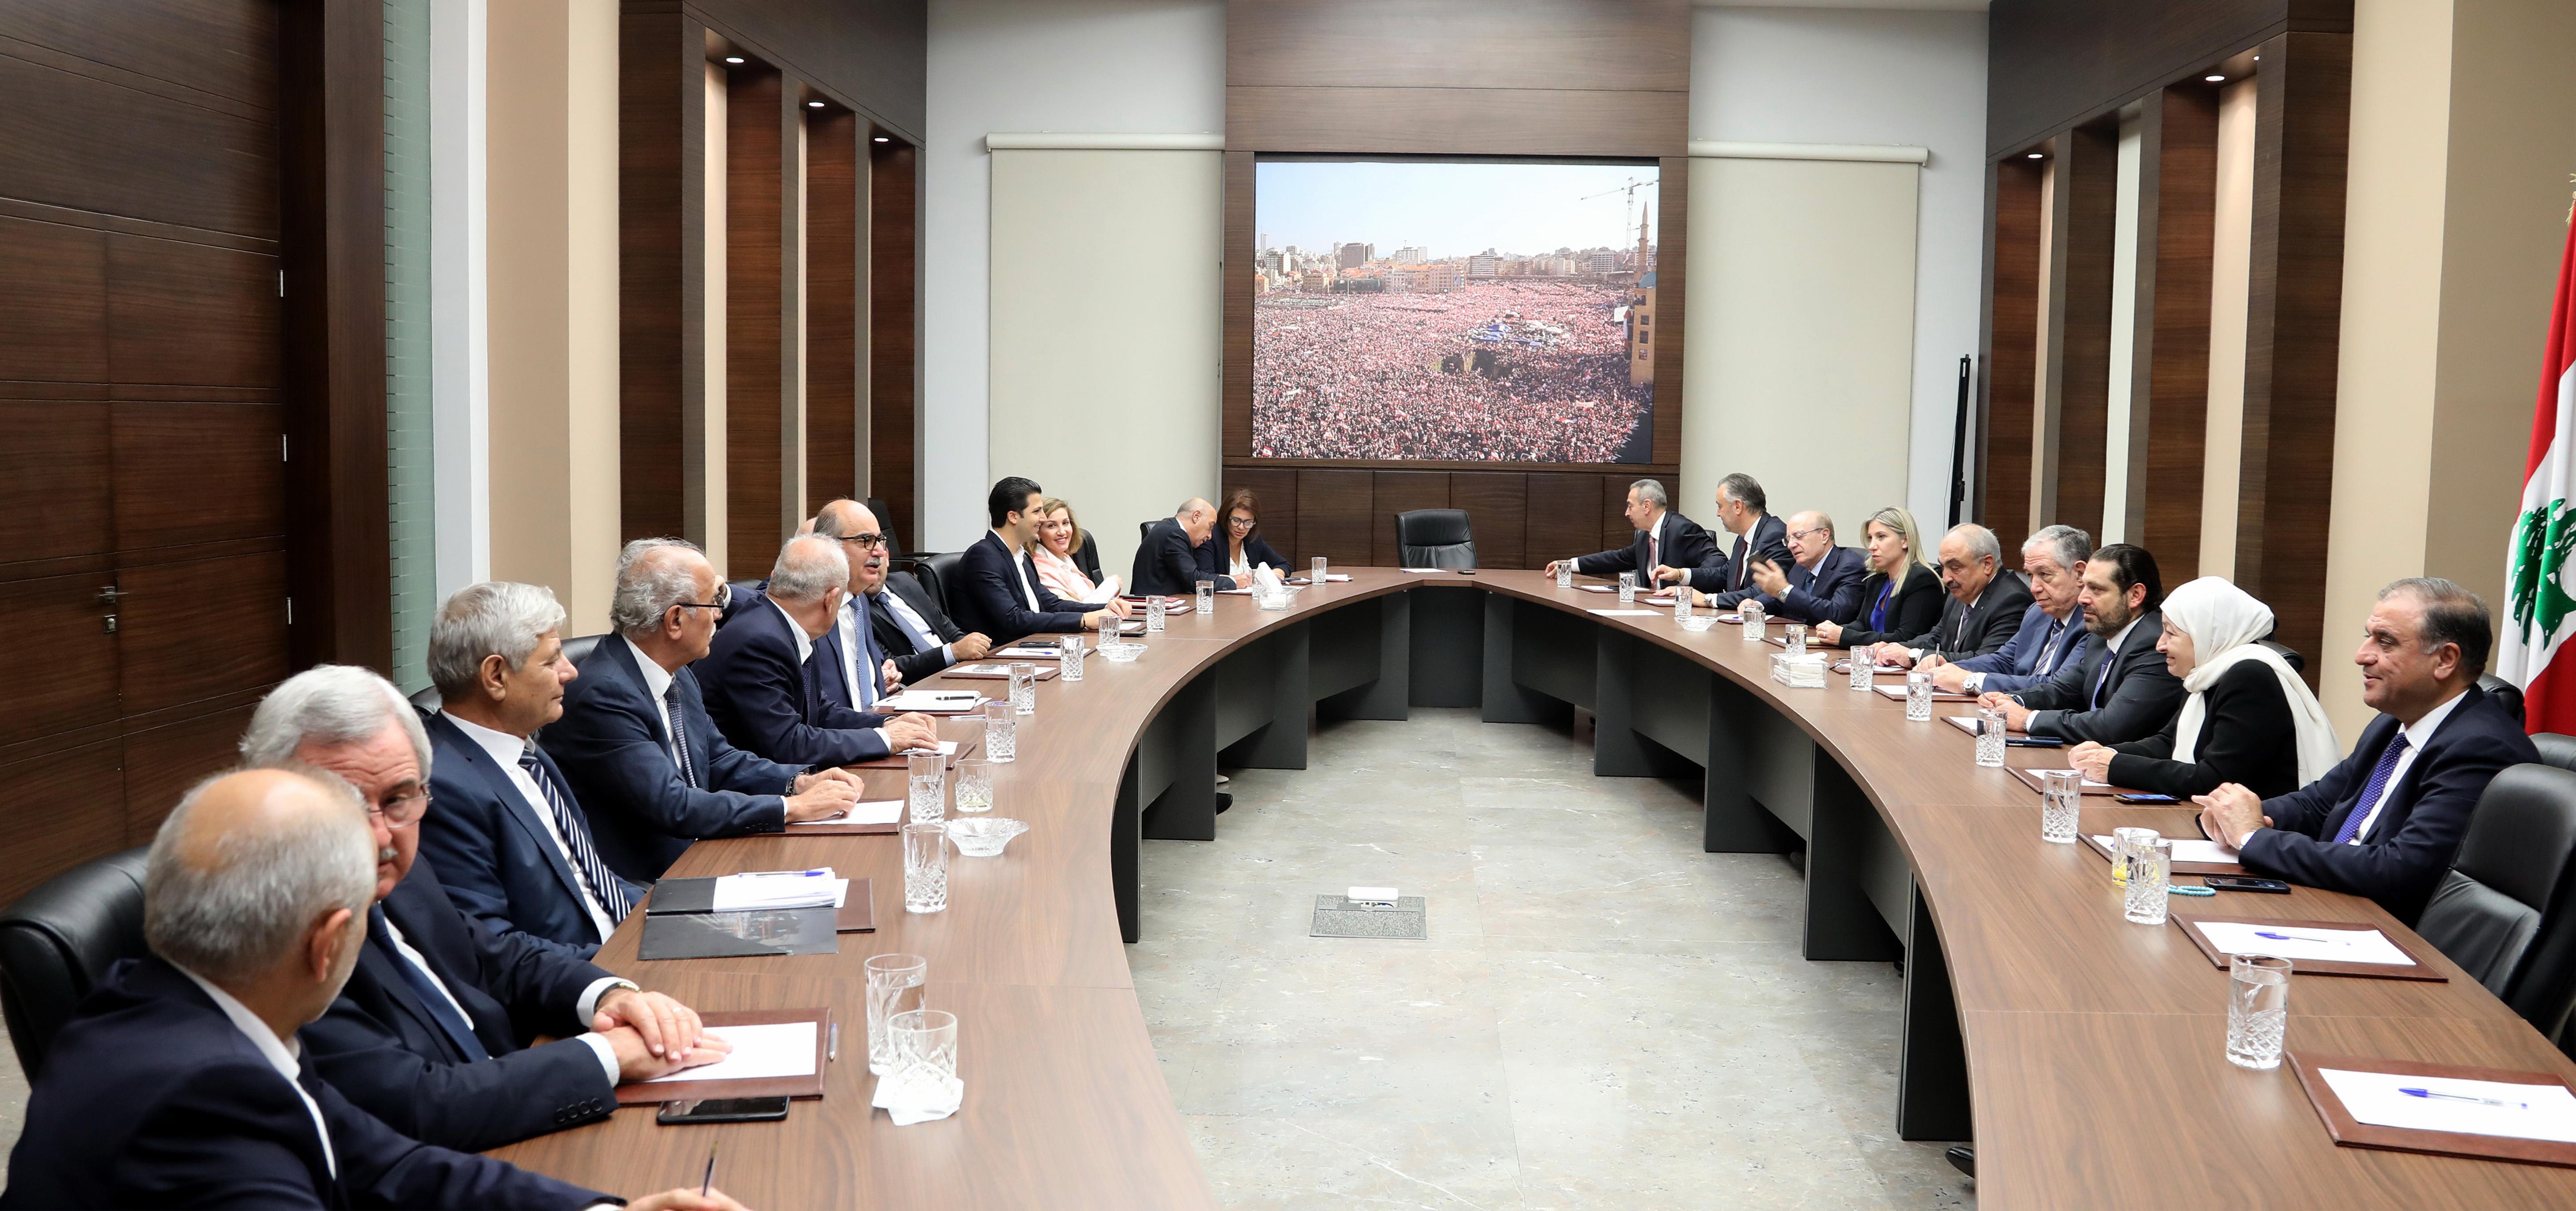 Pr Ministrer Saad Hariri Heading Almustaqbal MPs Bloc